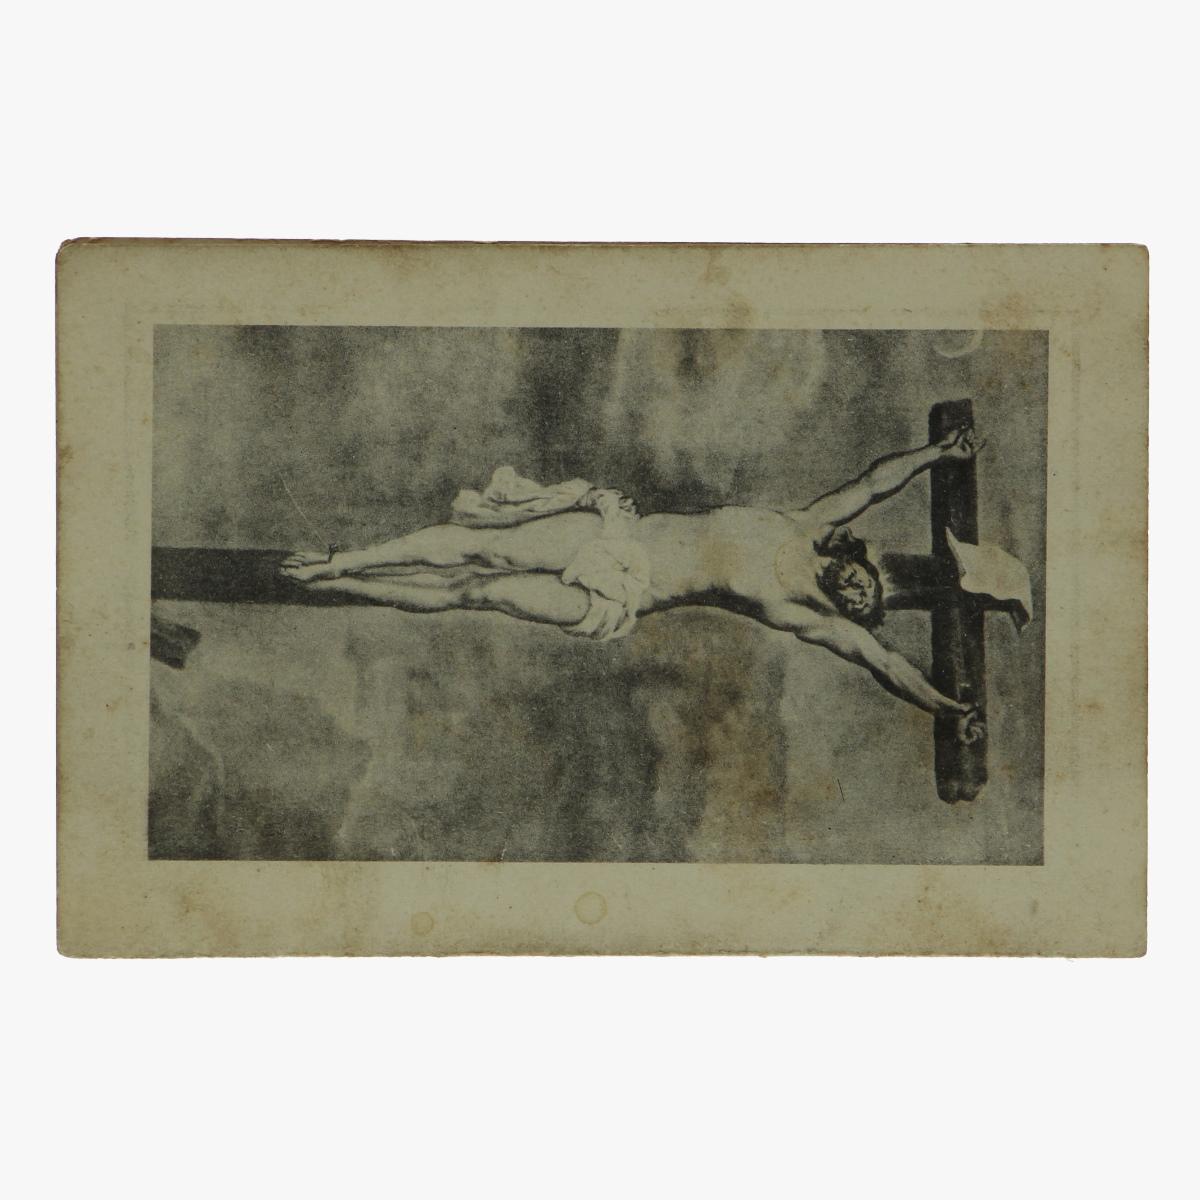 Afbeeldingen van doodsprentje Leopold 2 franstalig